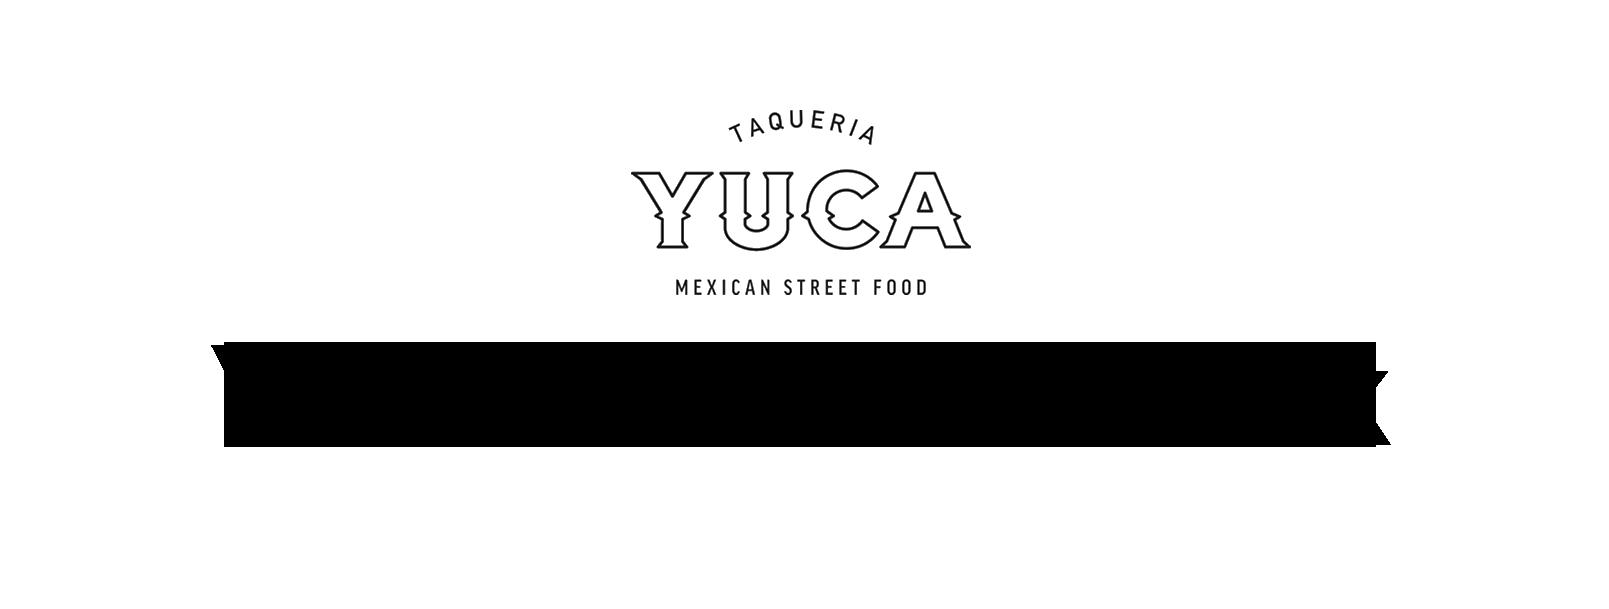 Ruoka-Yuca.png